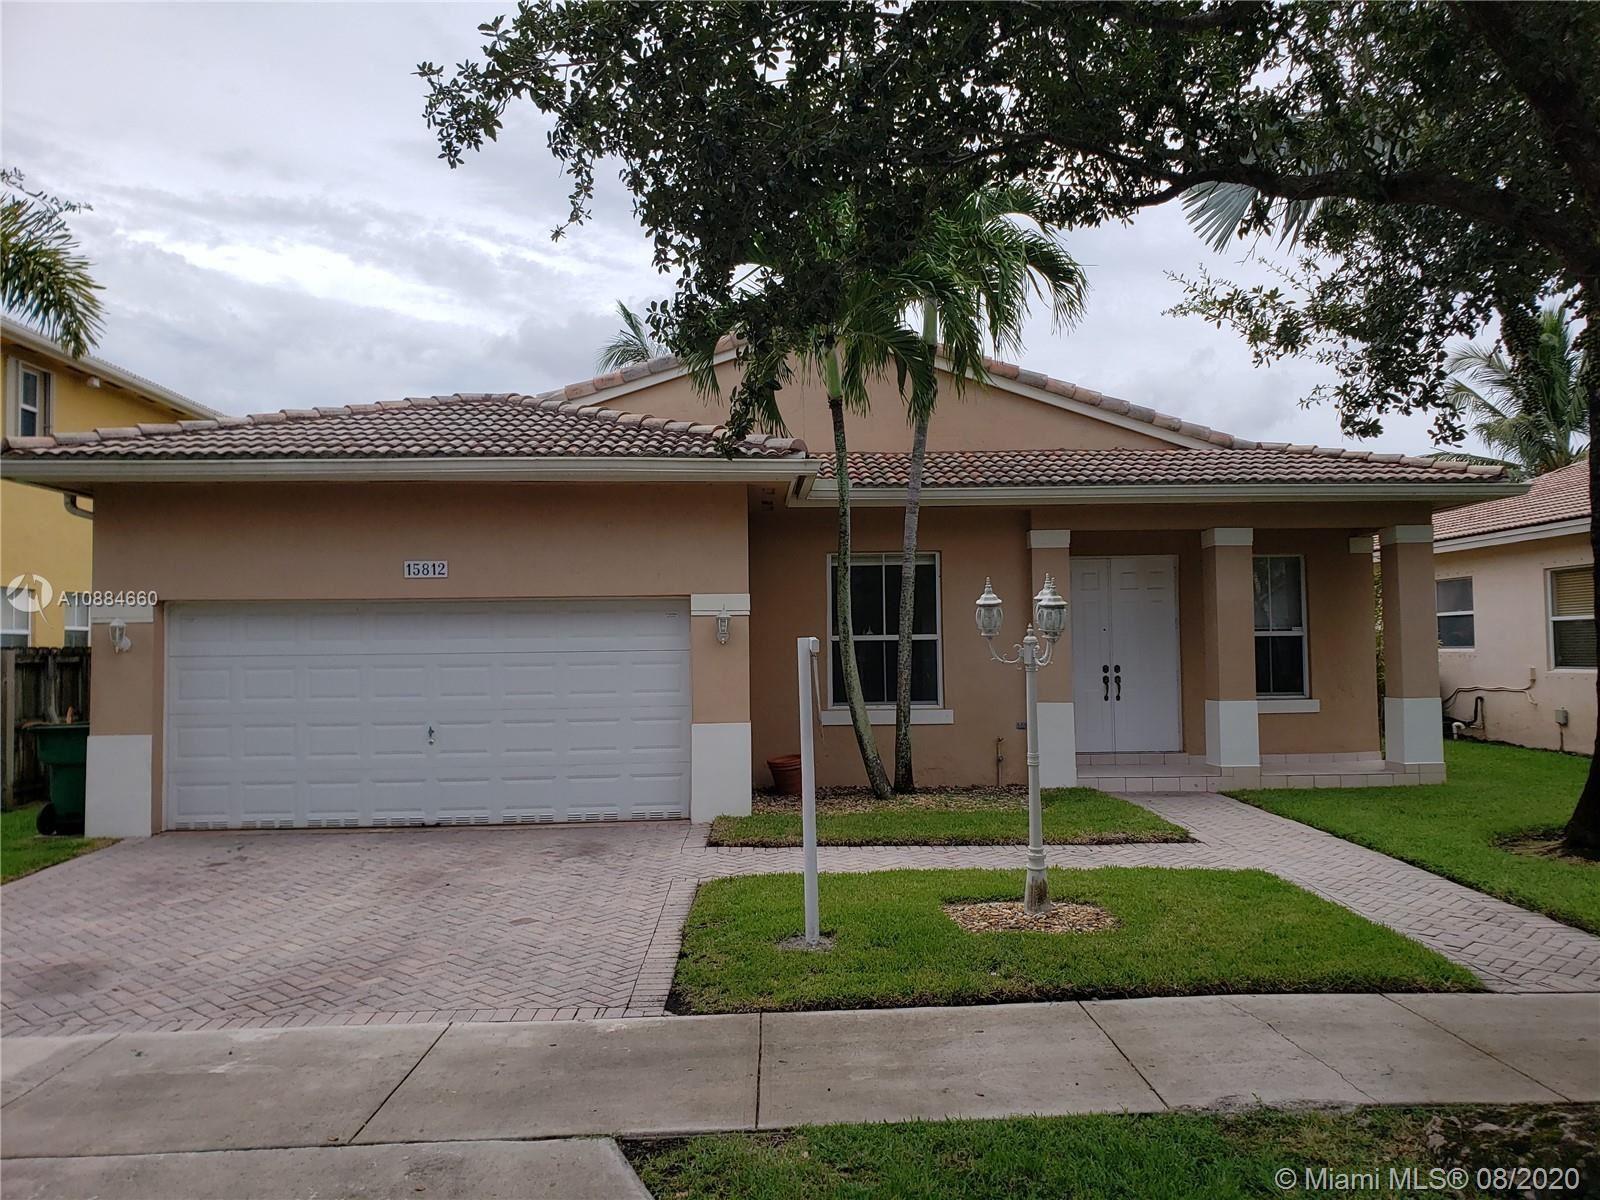 15812 SW 63rd Ter, Miami, FL 33193 - #: A10884660